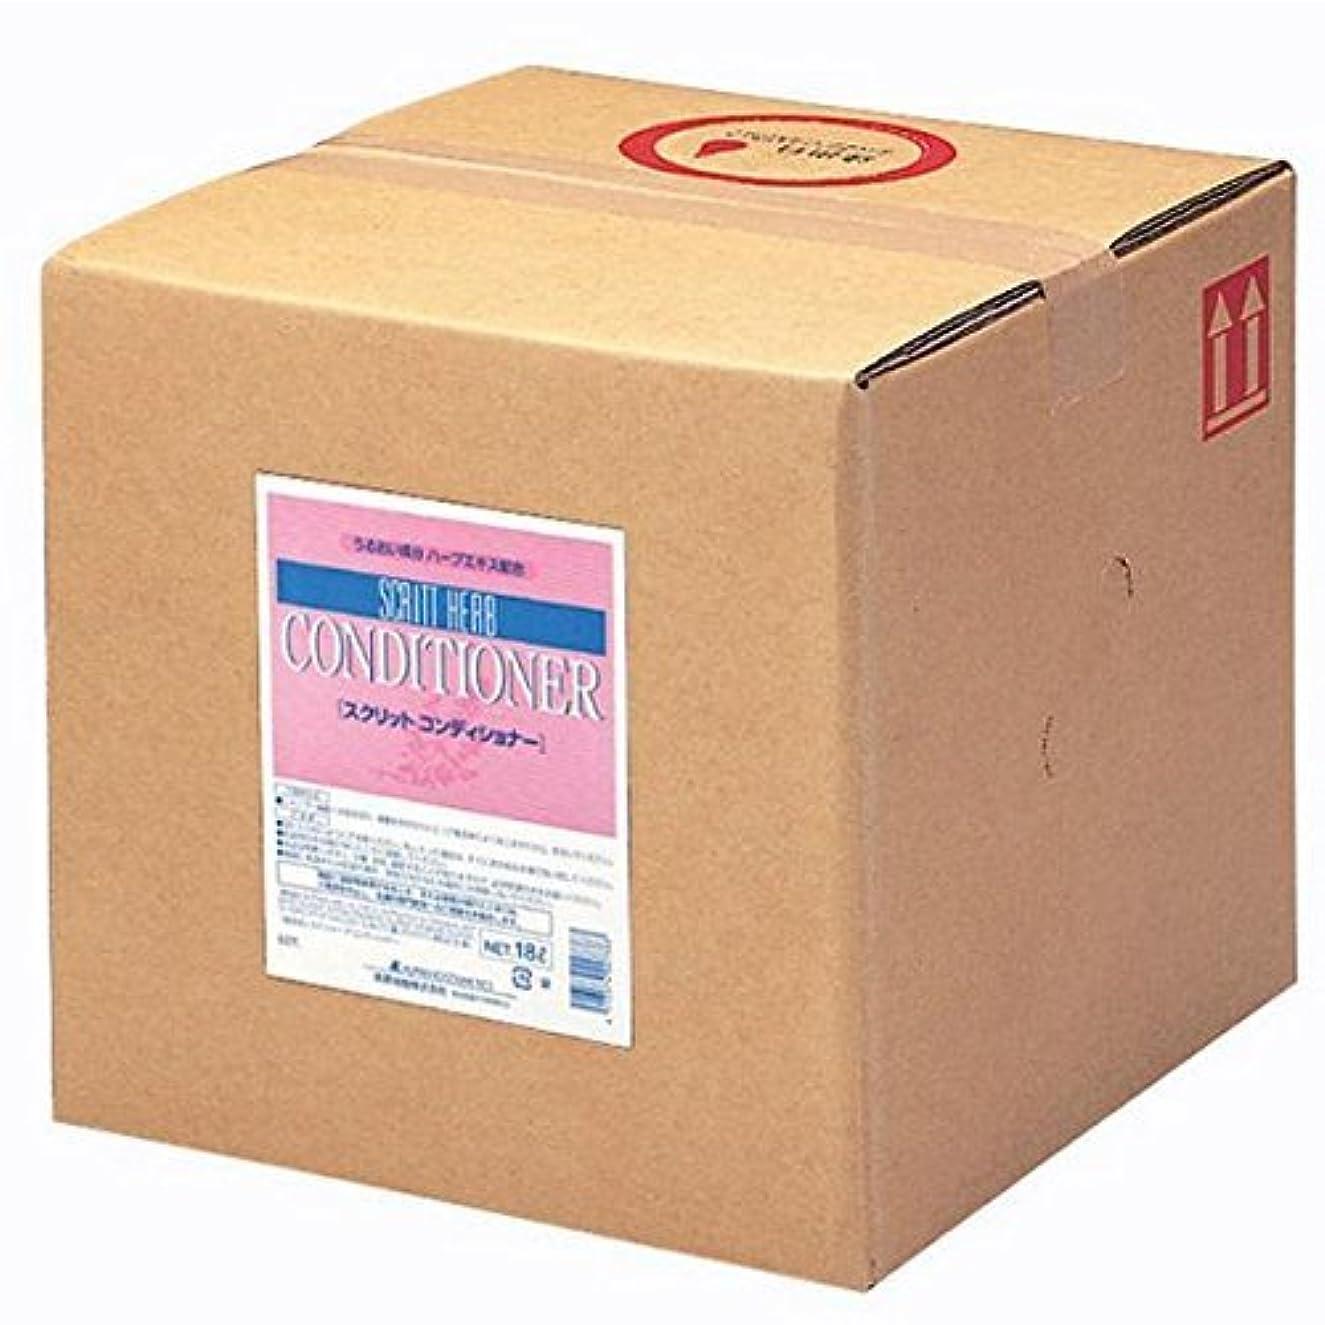 ラブジェームズダイソン解説業務用 スクリット(SCRITT) コンディショナー 18L 熊野油脂 (コック無し)